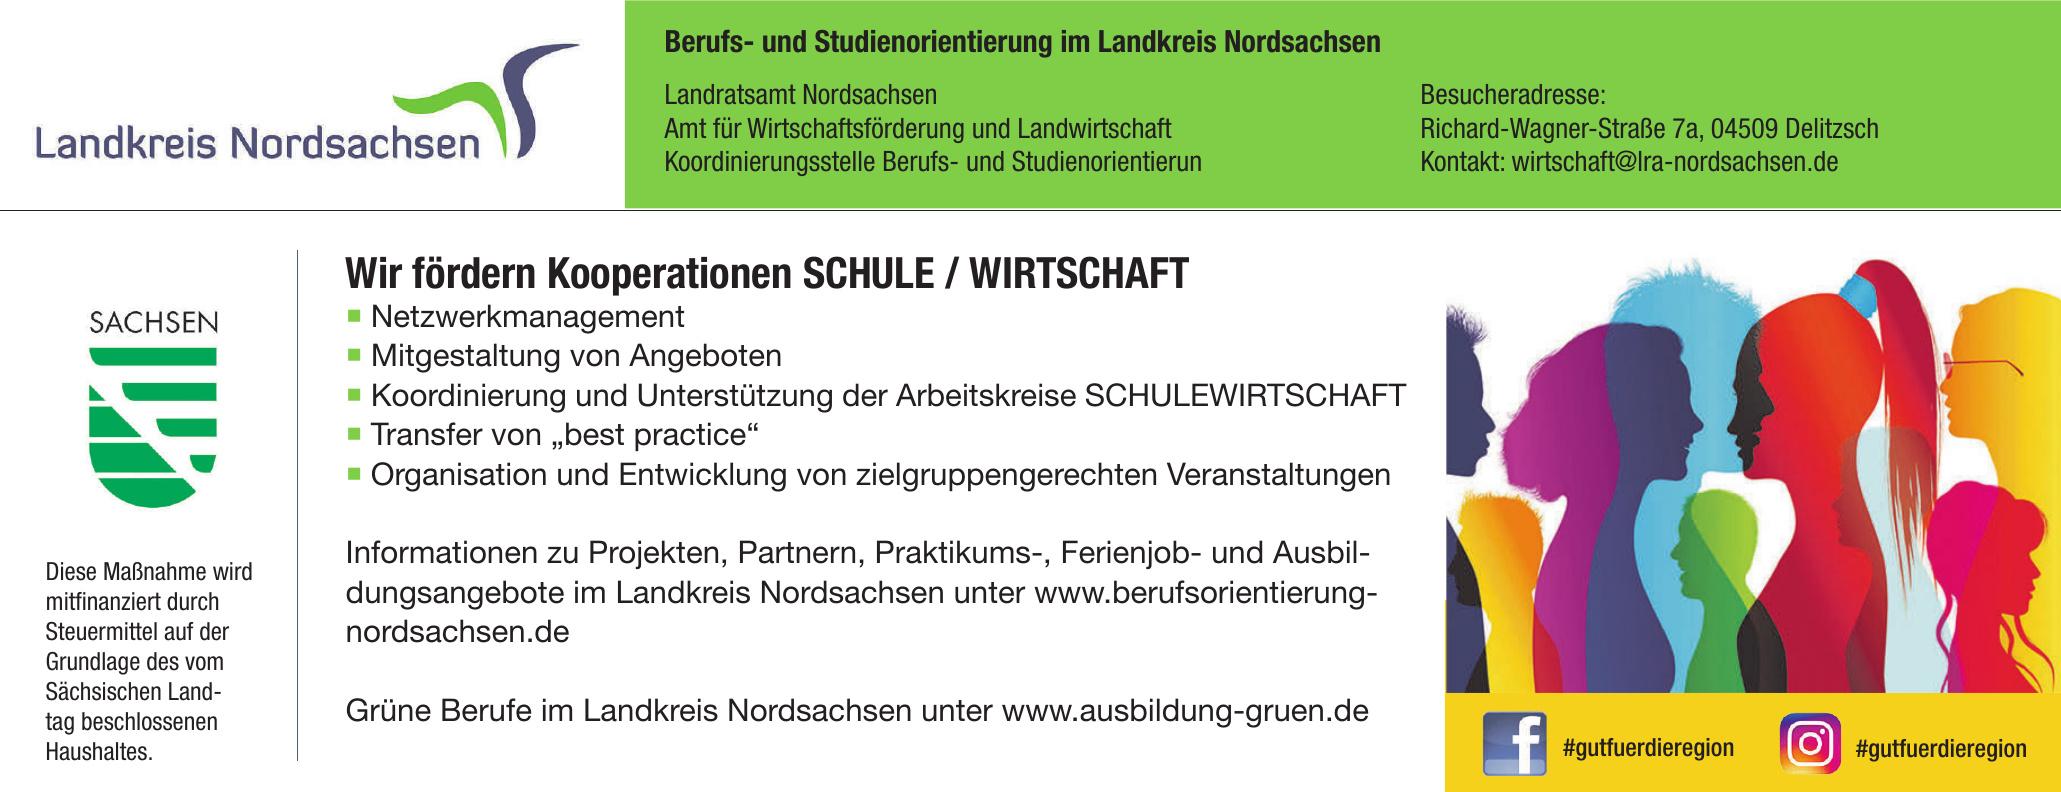 Landratsamt Nordsachsen